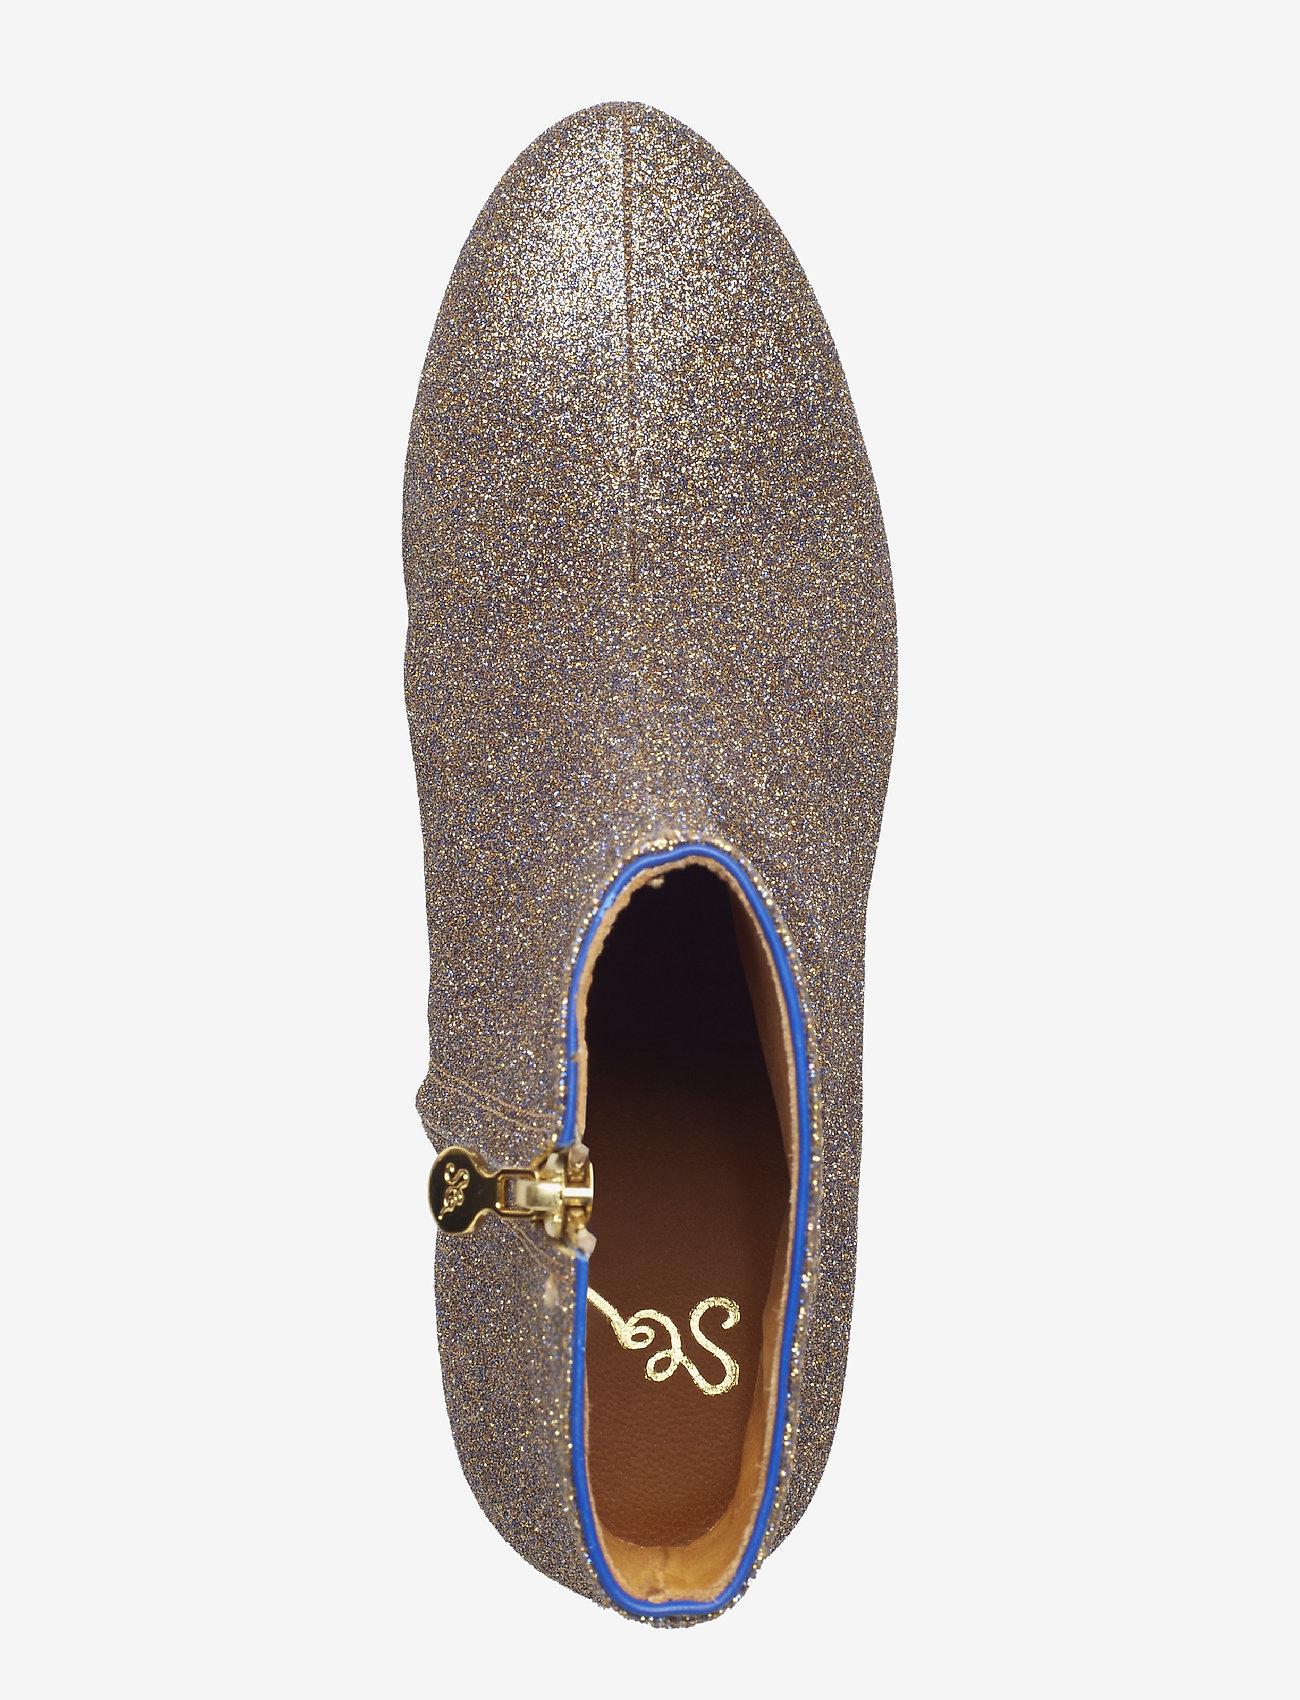 Kansas, 455 Glitter Shoes (Violeta Glitter) - STINE GOYA